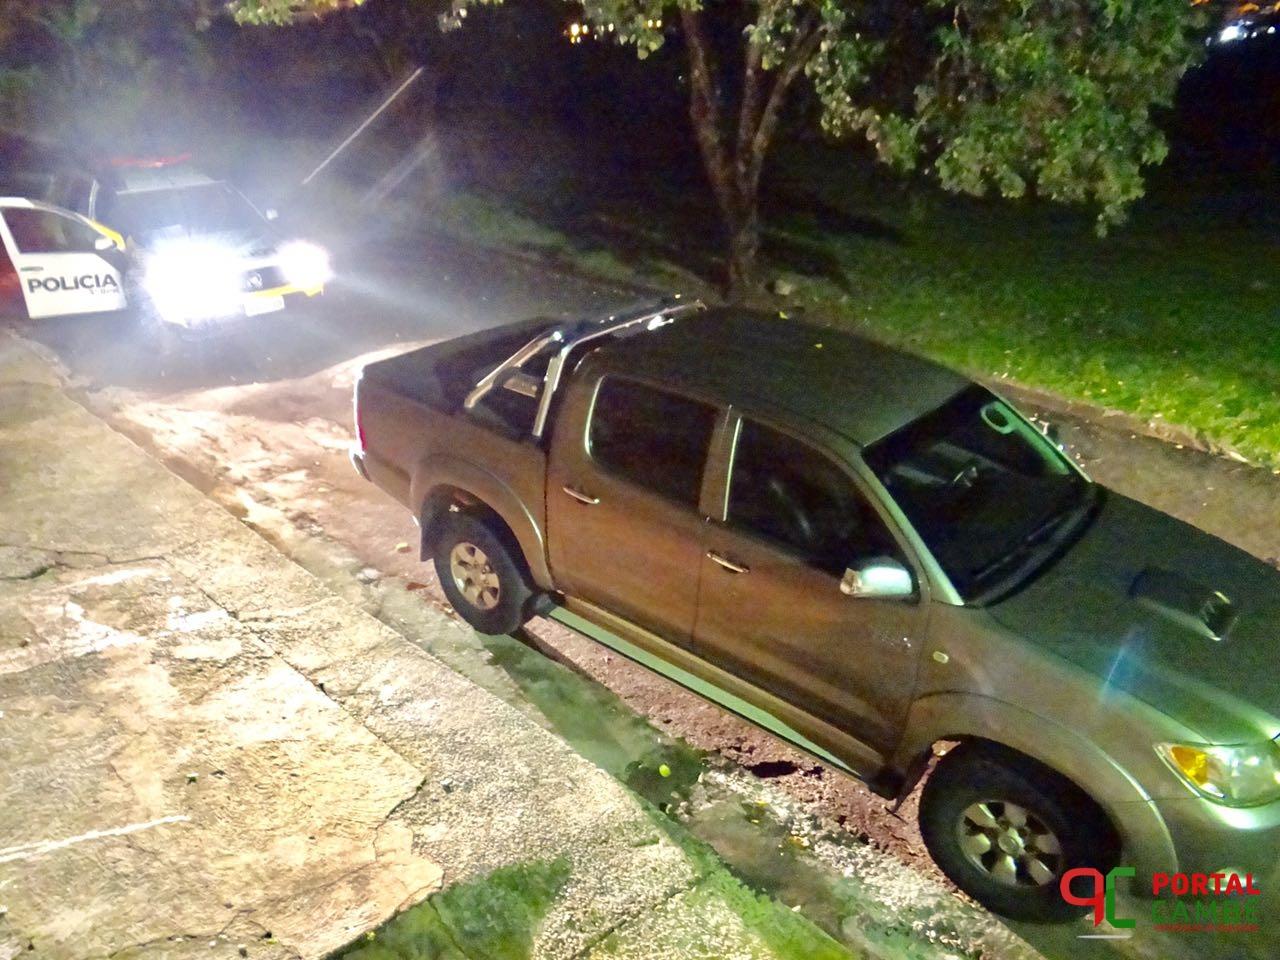 Assaltante invade farmácia, rouba camioneta e abandona no Jardim Novo Bandeirantes em Cambé